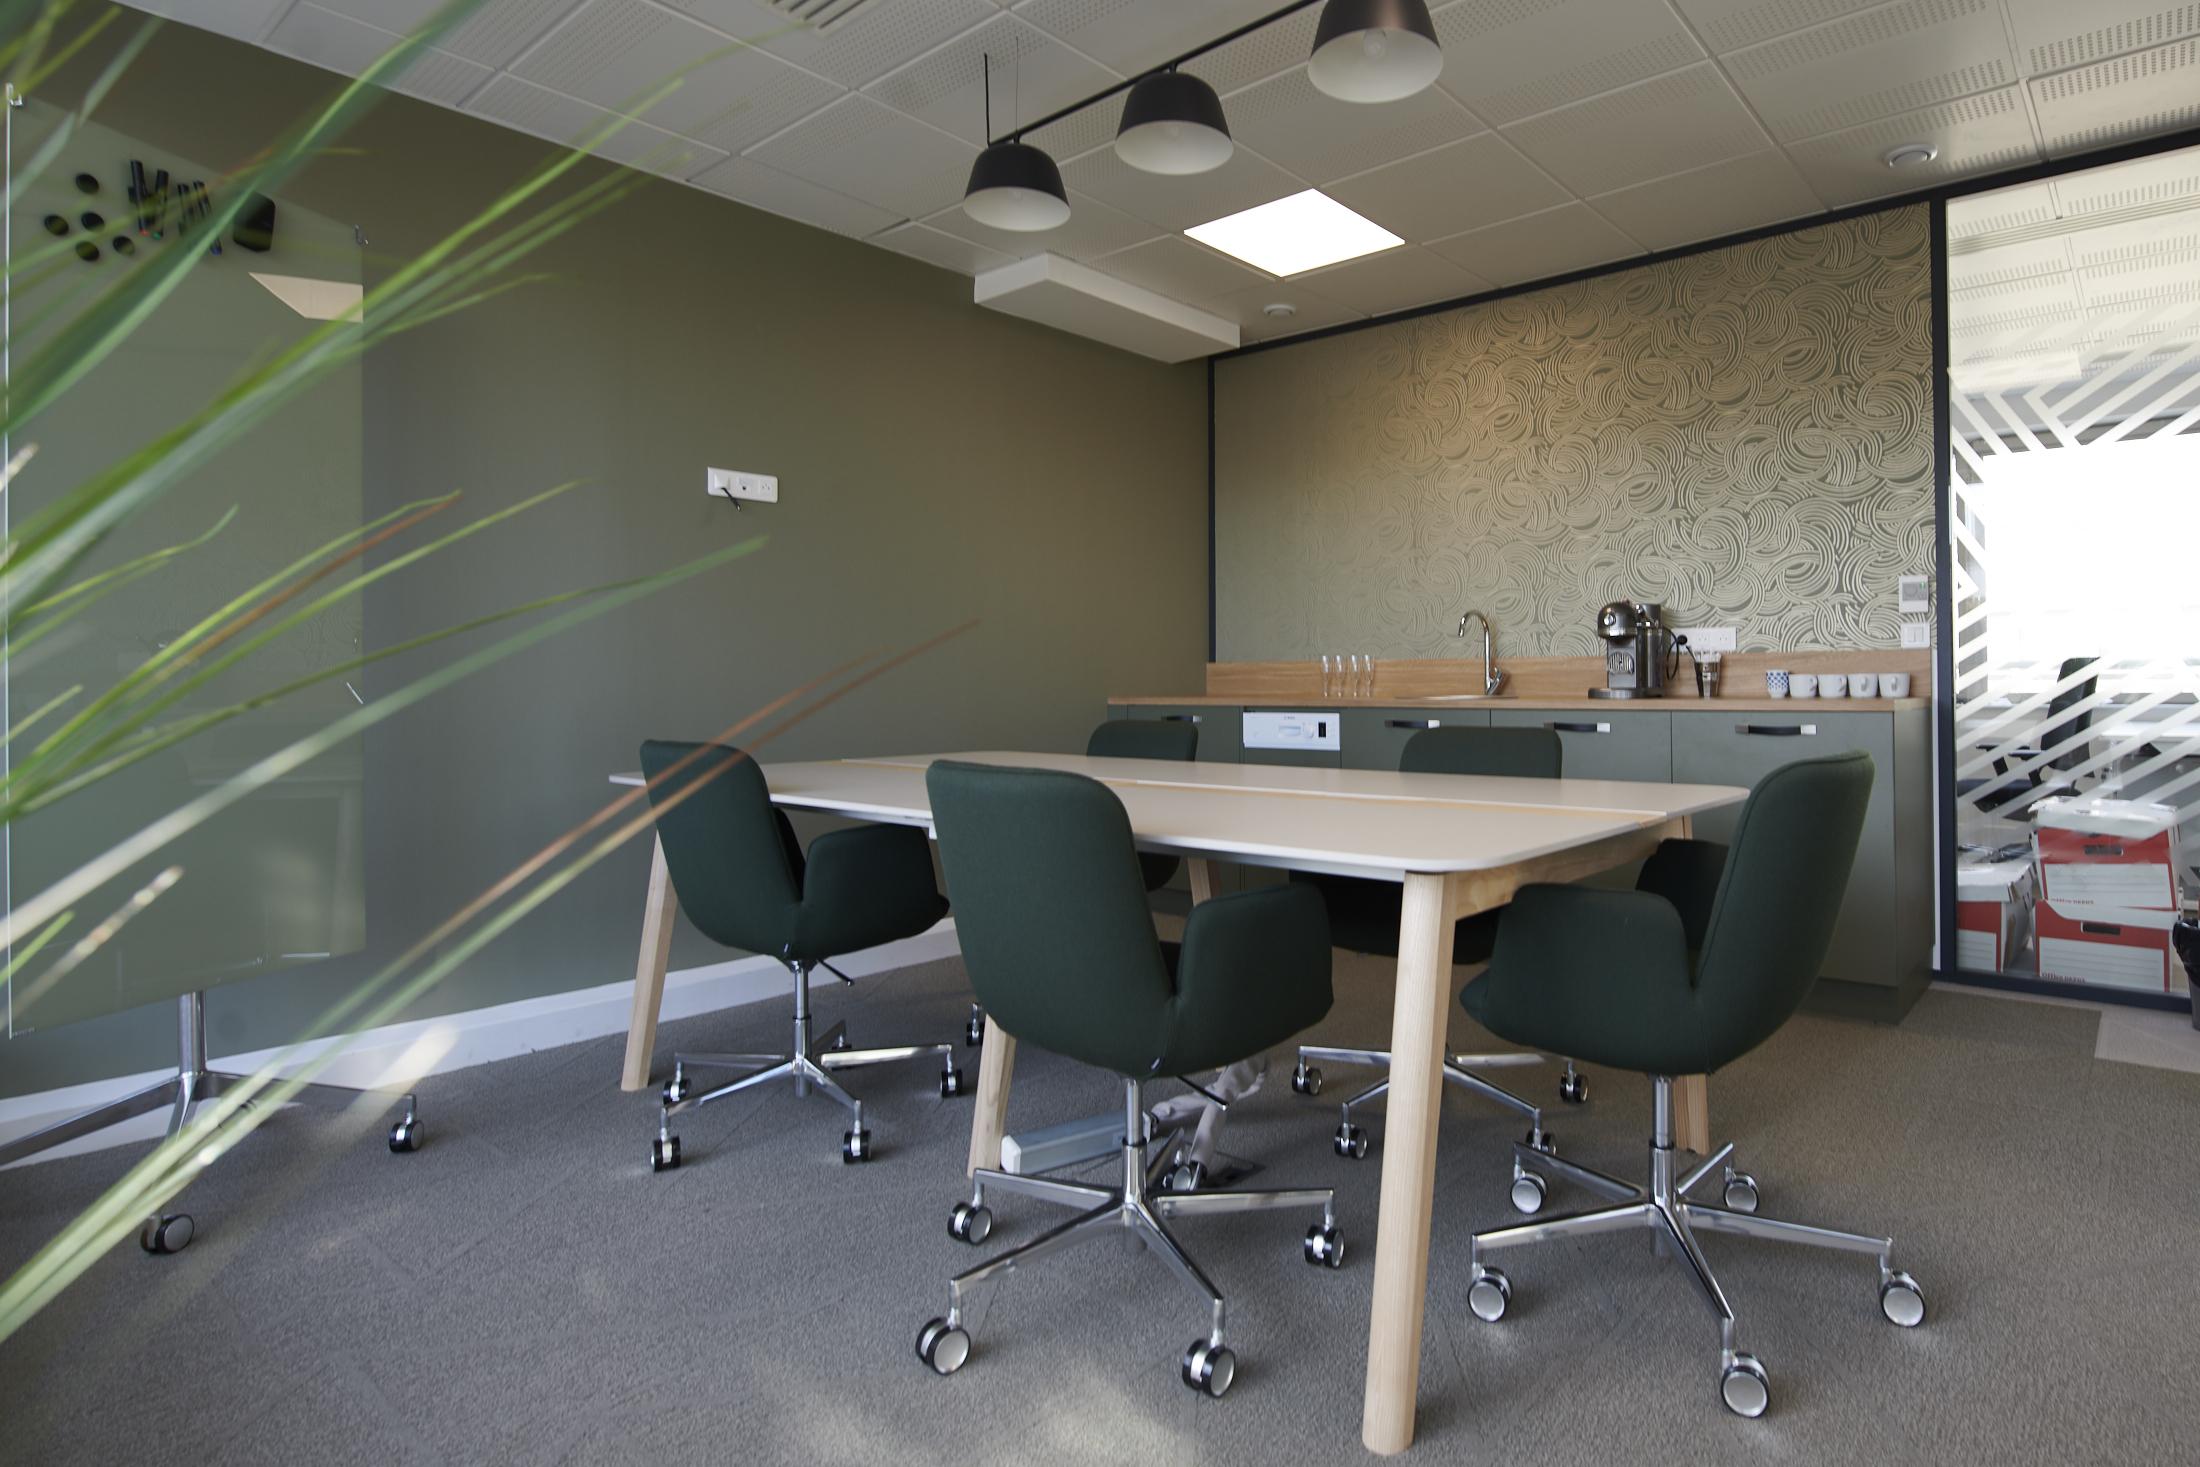 Ide Ireland-salle de réunion-table-chaise à roulettes-suspensions